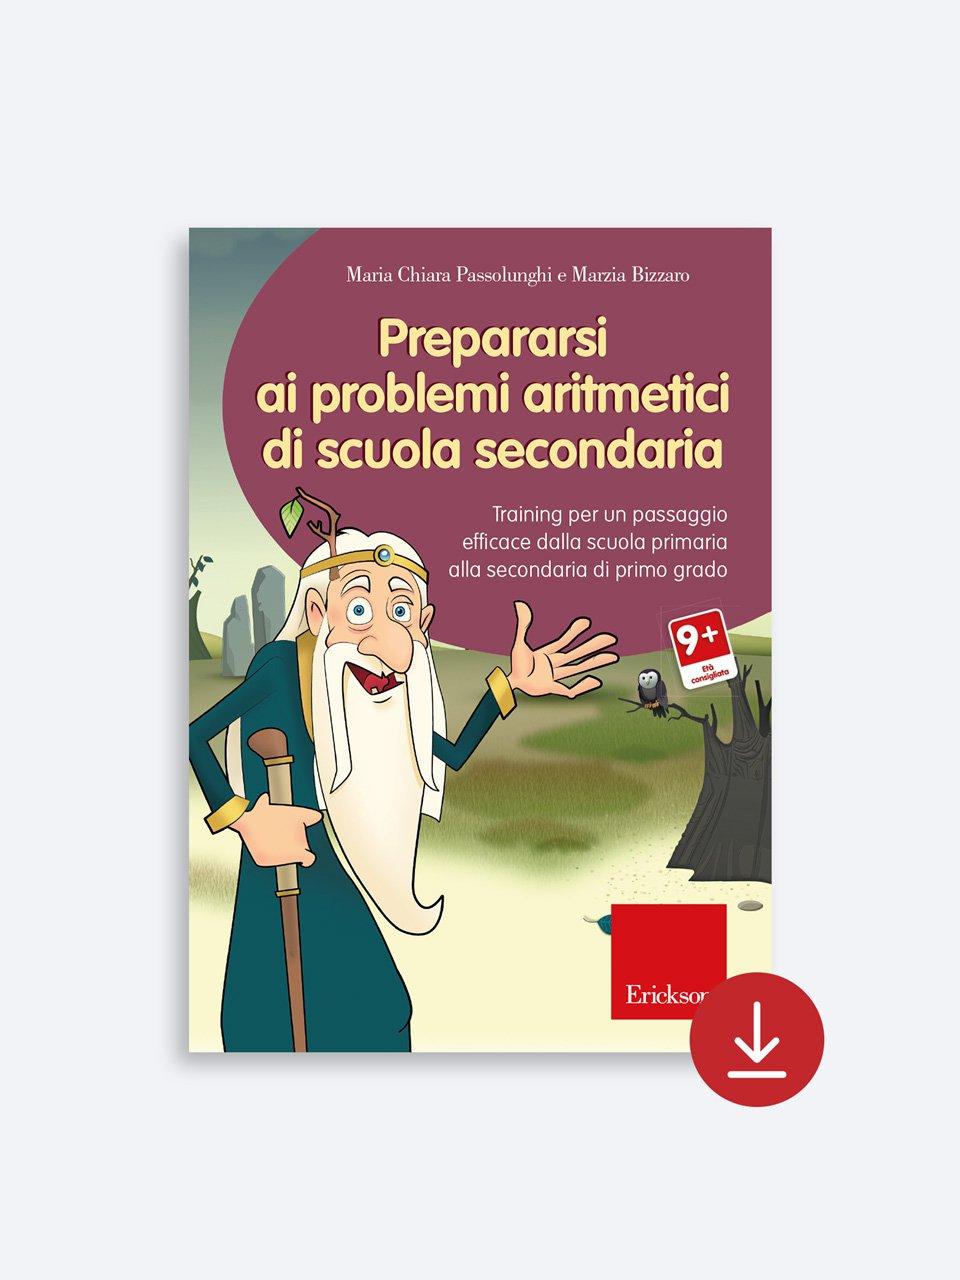 Prepararsi ai problemi aritmetici di scuola secondaria - Le proposte Erickson per i compiti-delle-vacanze - Erickson 2